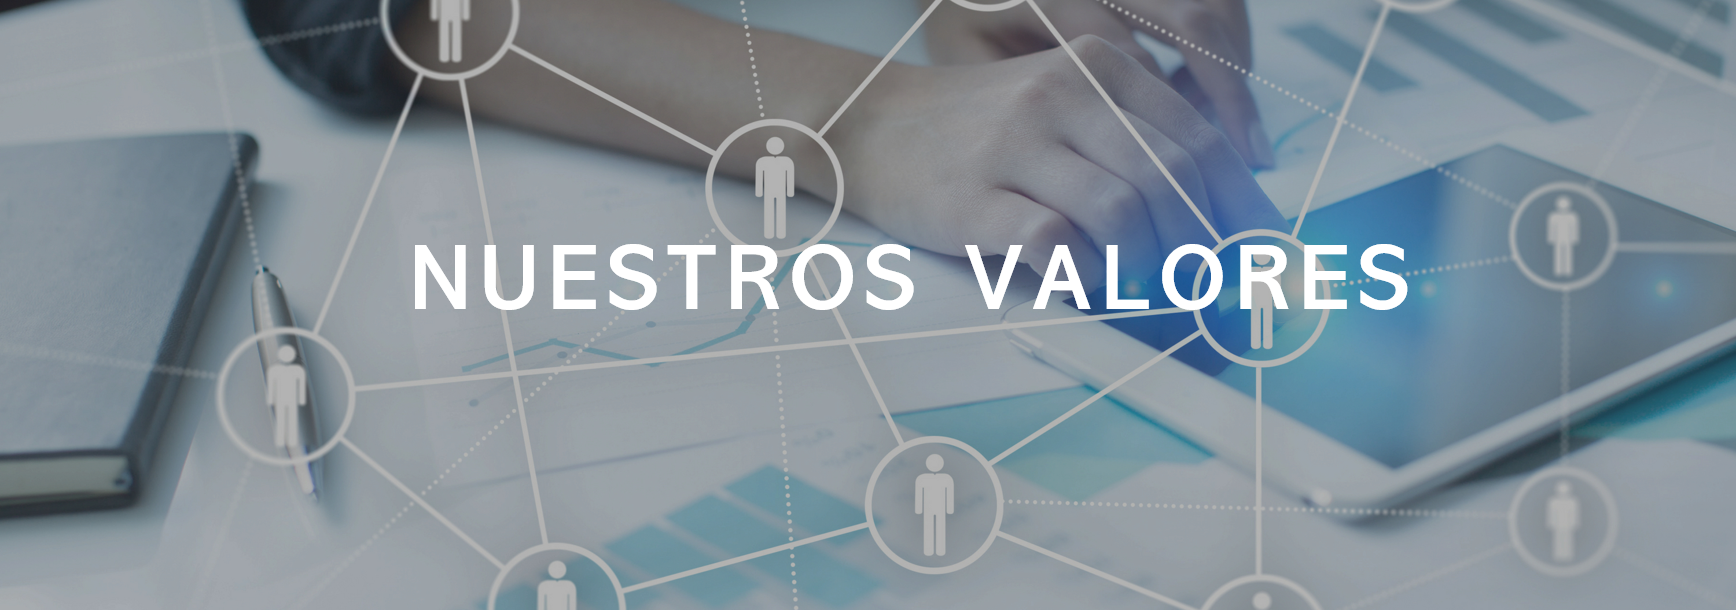 nuestros valores 3